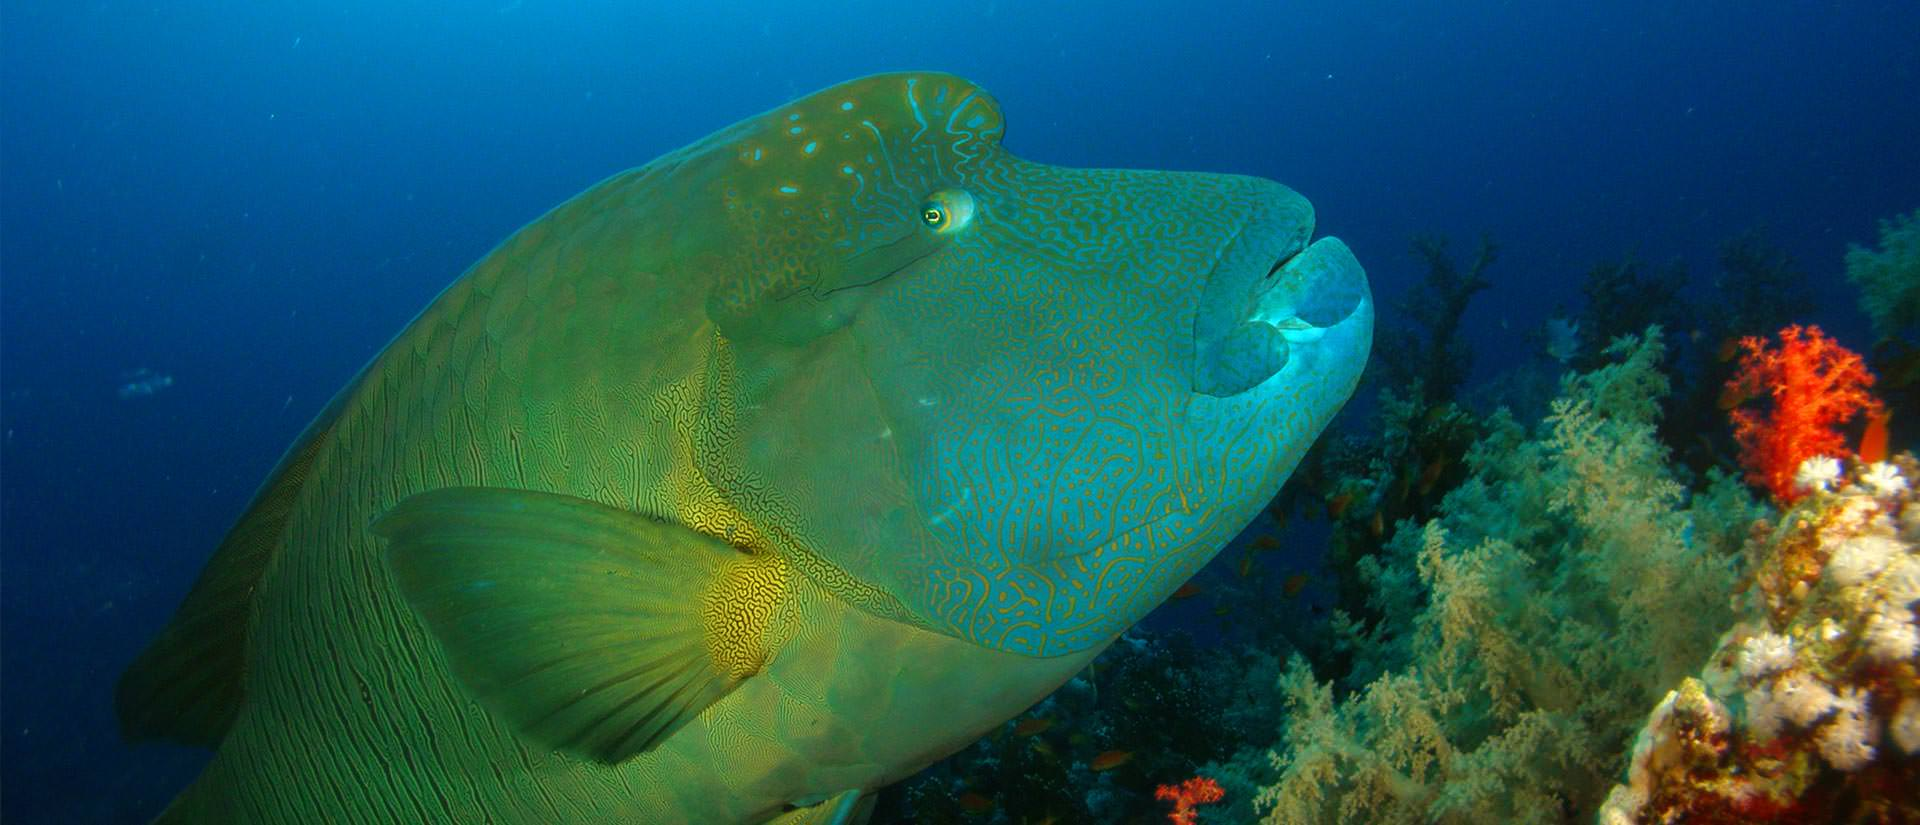 טיולי צלילה במחירים מיוחדים